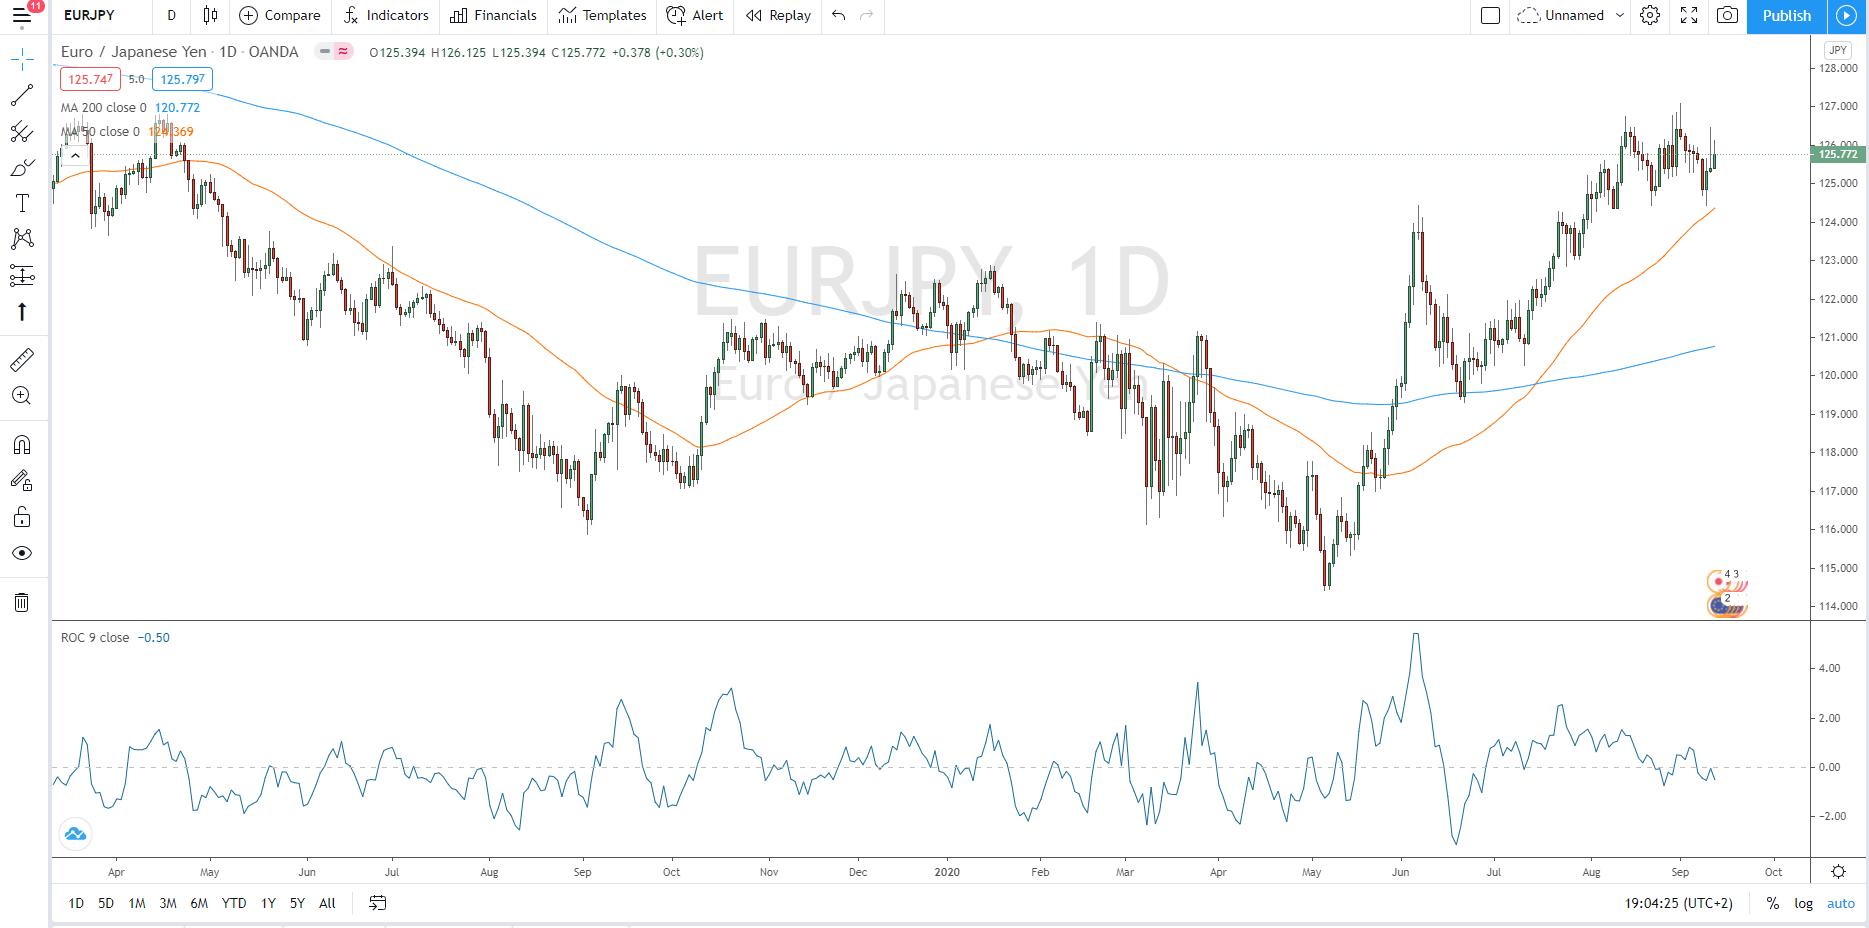 Abbildung 4: Euro/JPY mit ROC Indikator